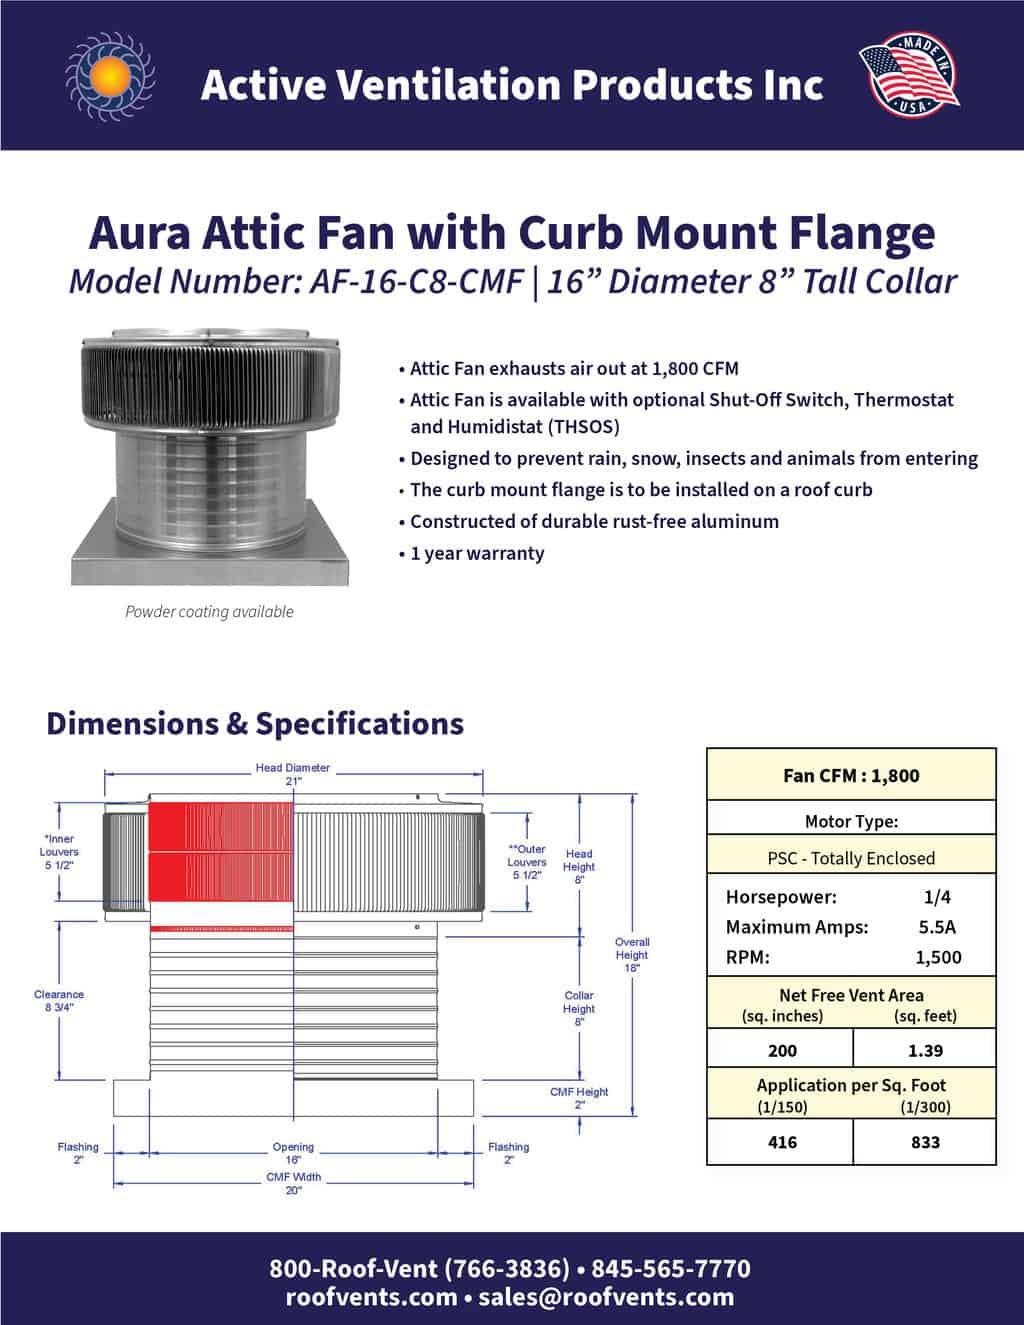 AF-16-C8-CMF-brochure An Exhaust Attic Fan